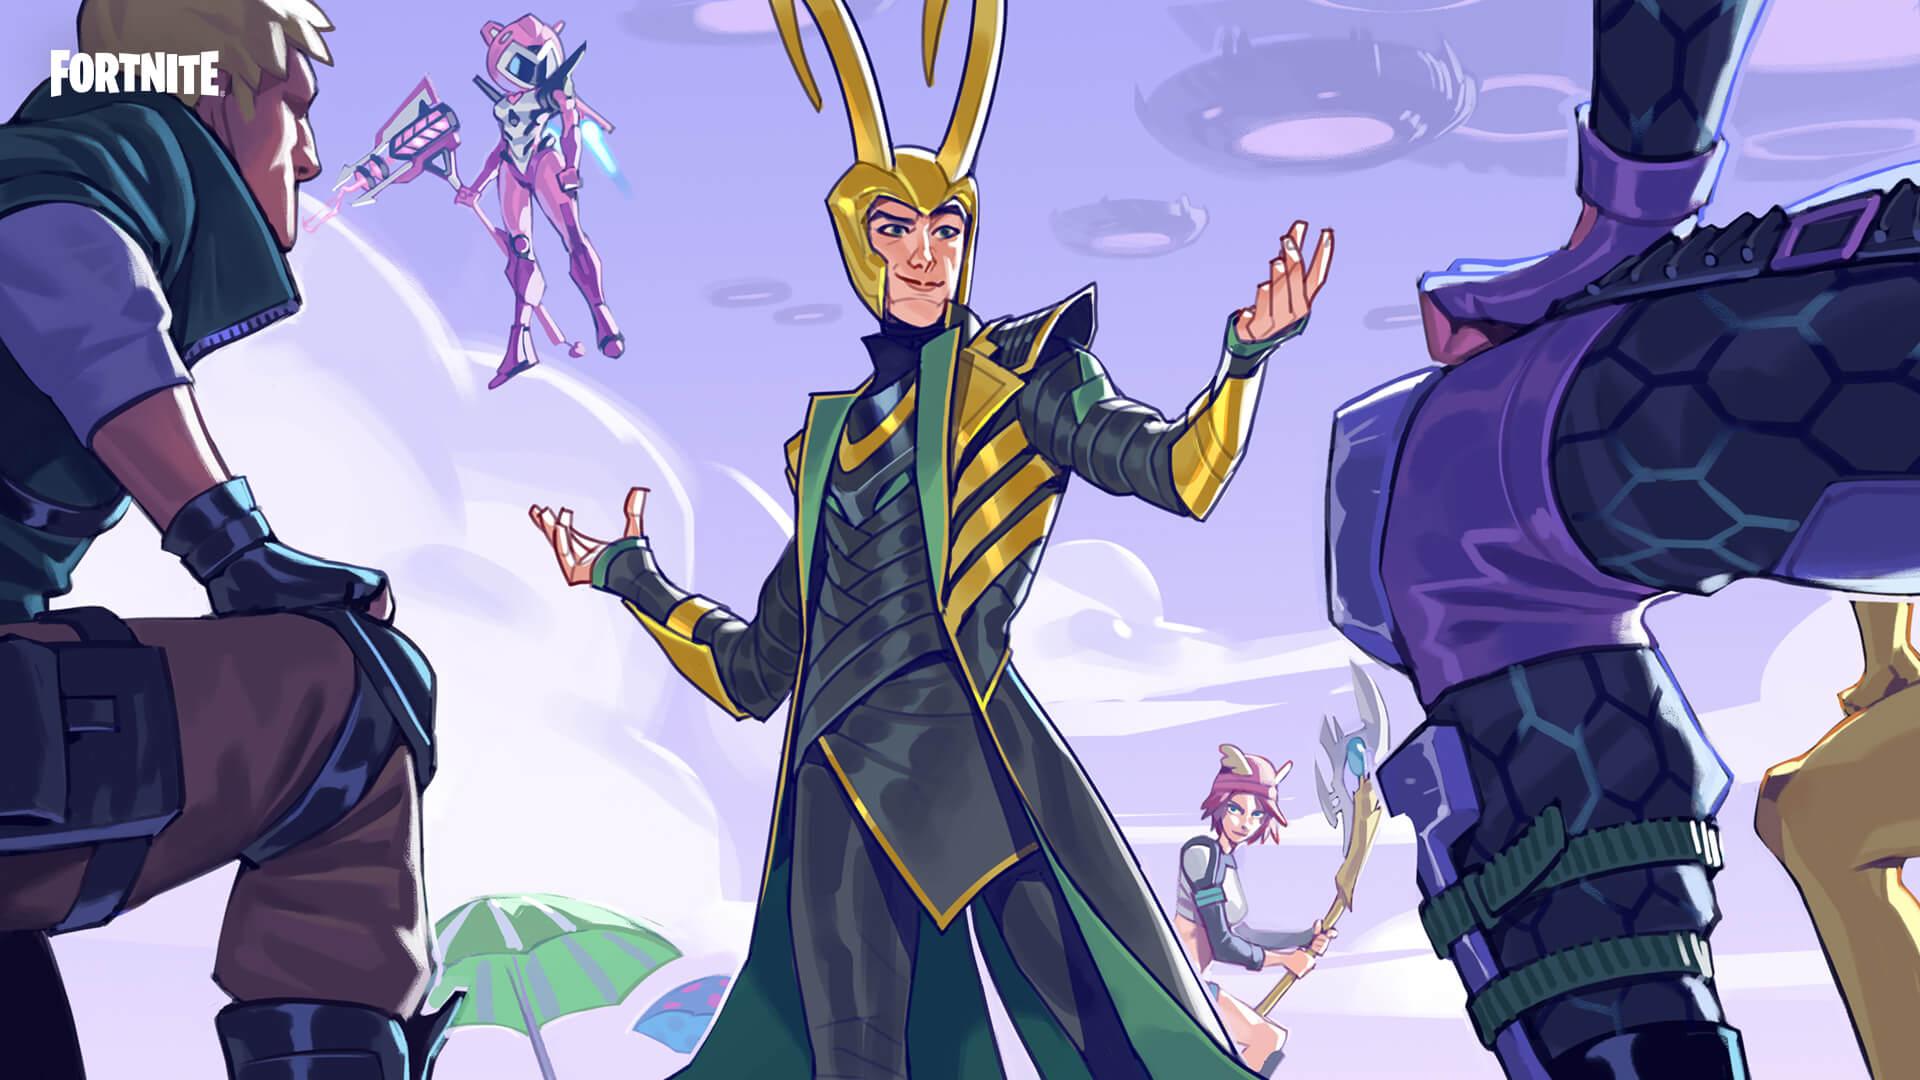 Fortnite Loki's Welcoming Loading Screen